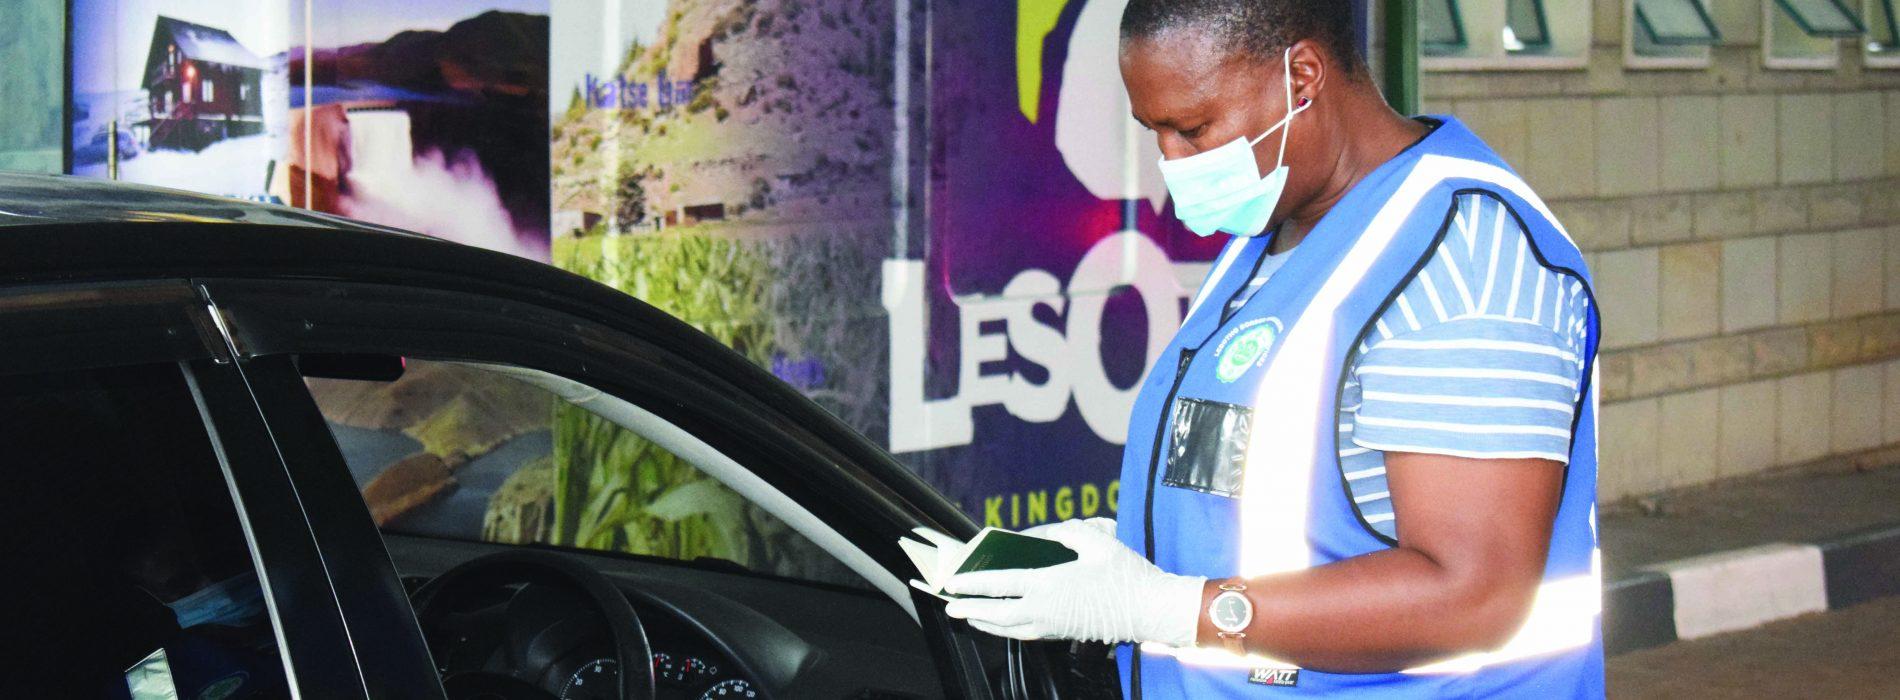 Ministry says 'ready' for Coronavirus